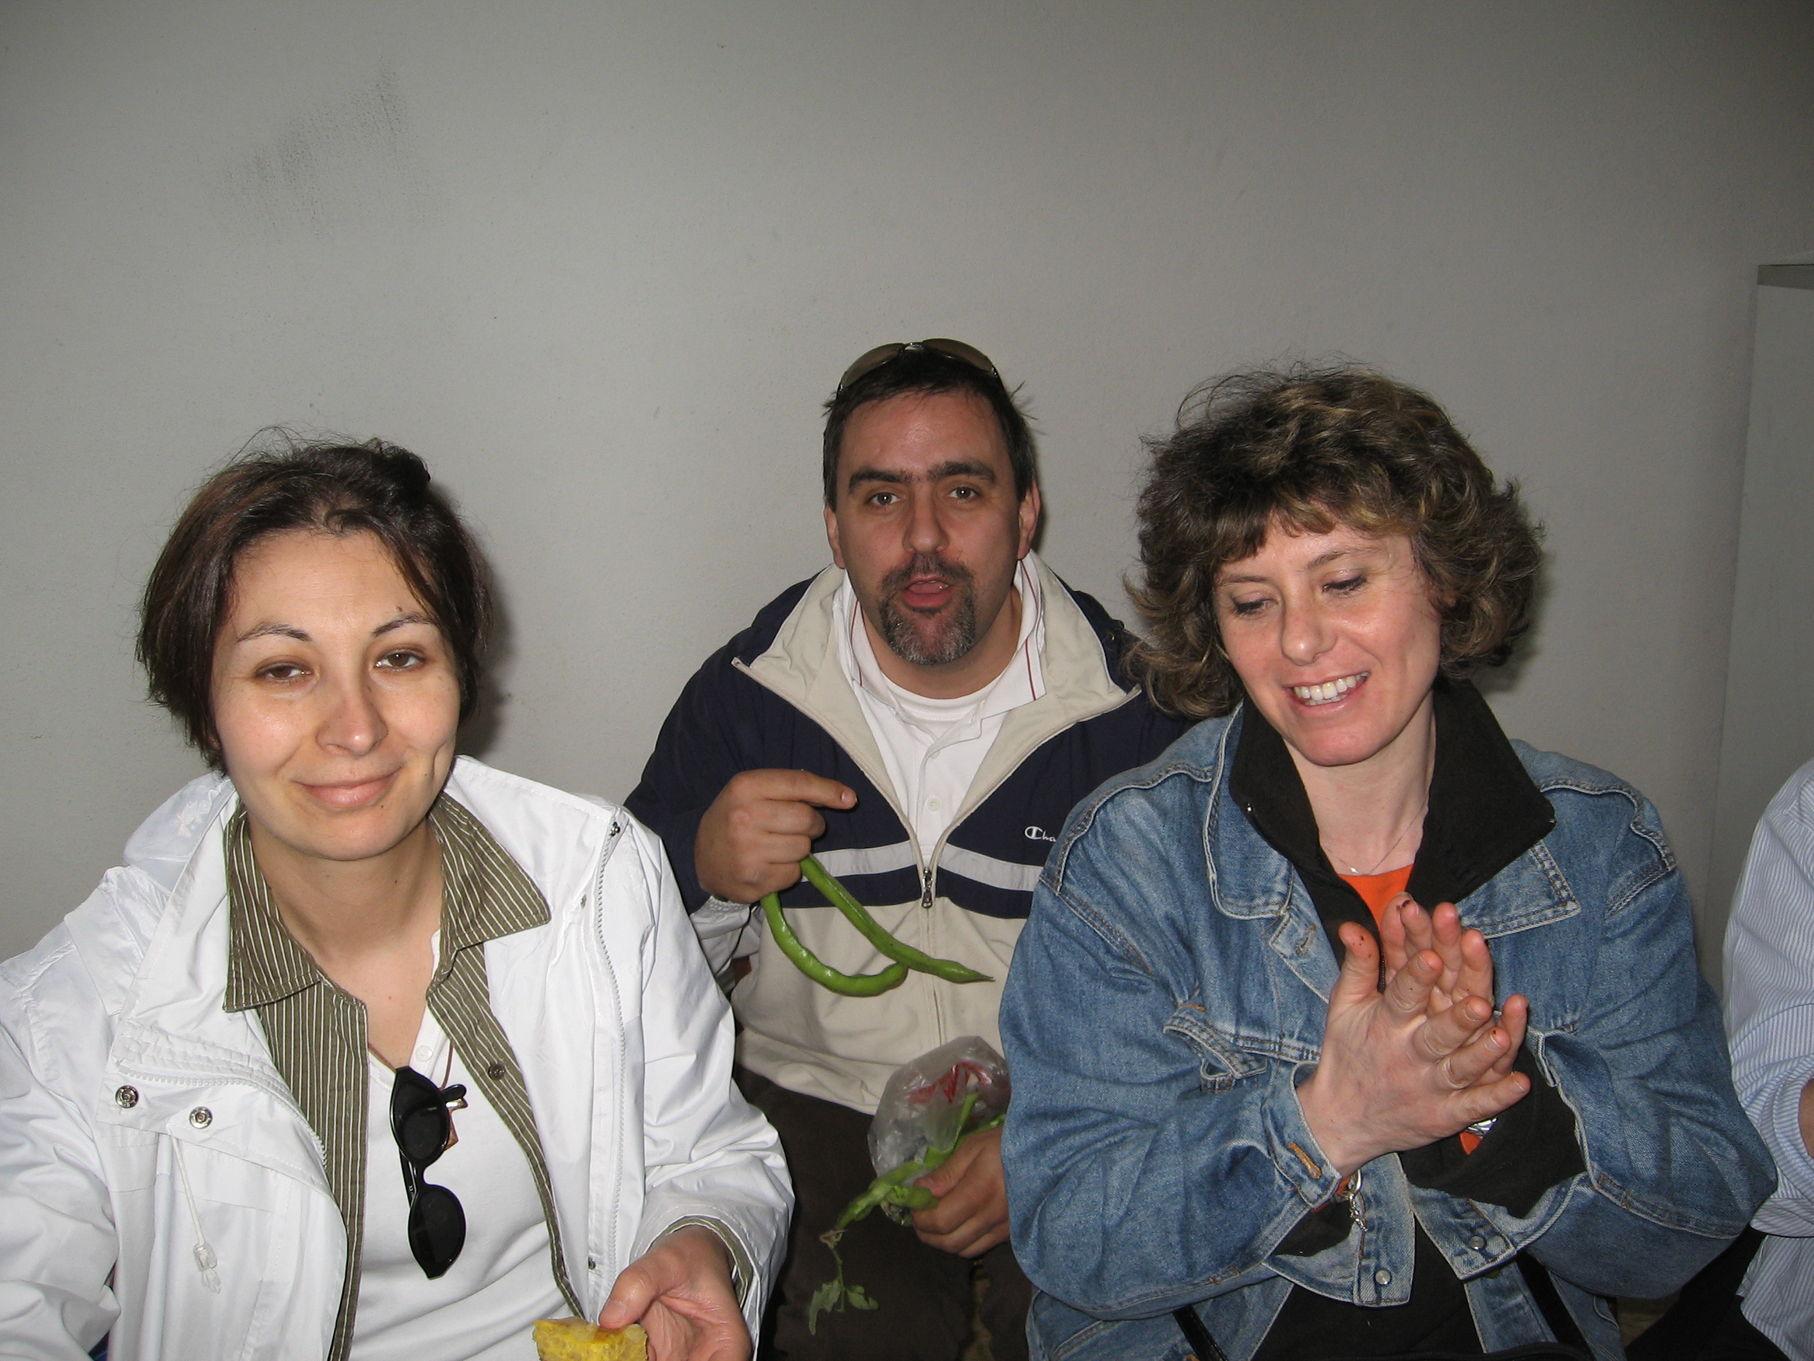 Montallegro-2009-04-13--12.50.46.jpg